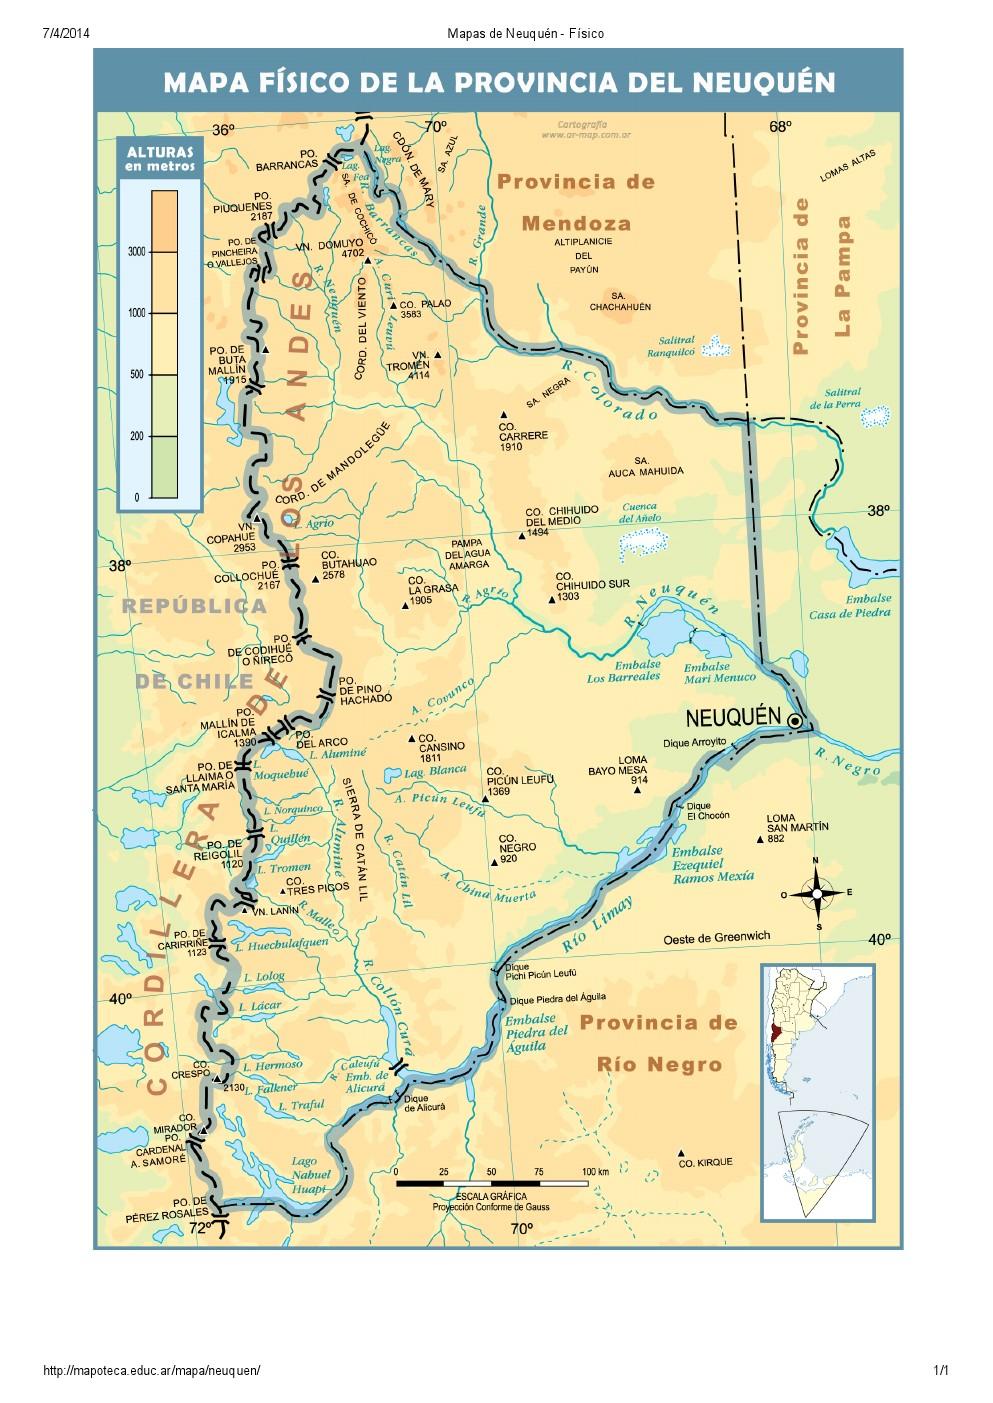 Mapa de ríos de Neuquén. Mapoteca de Educ.ar